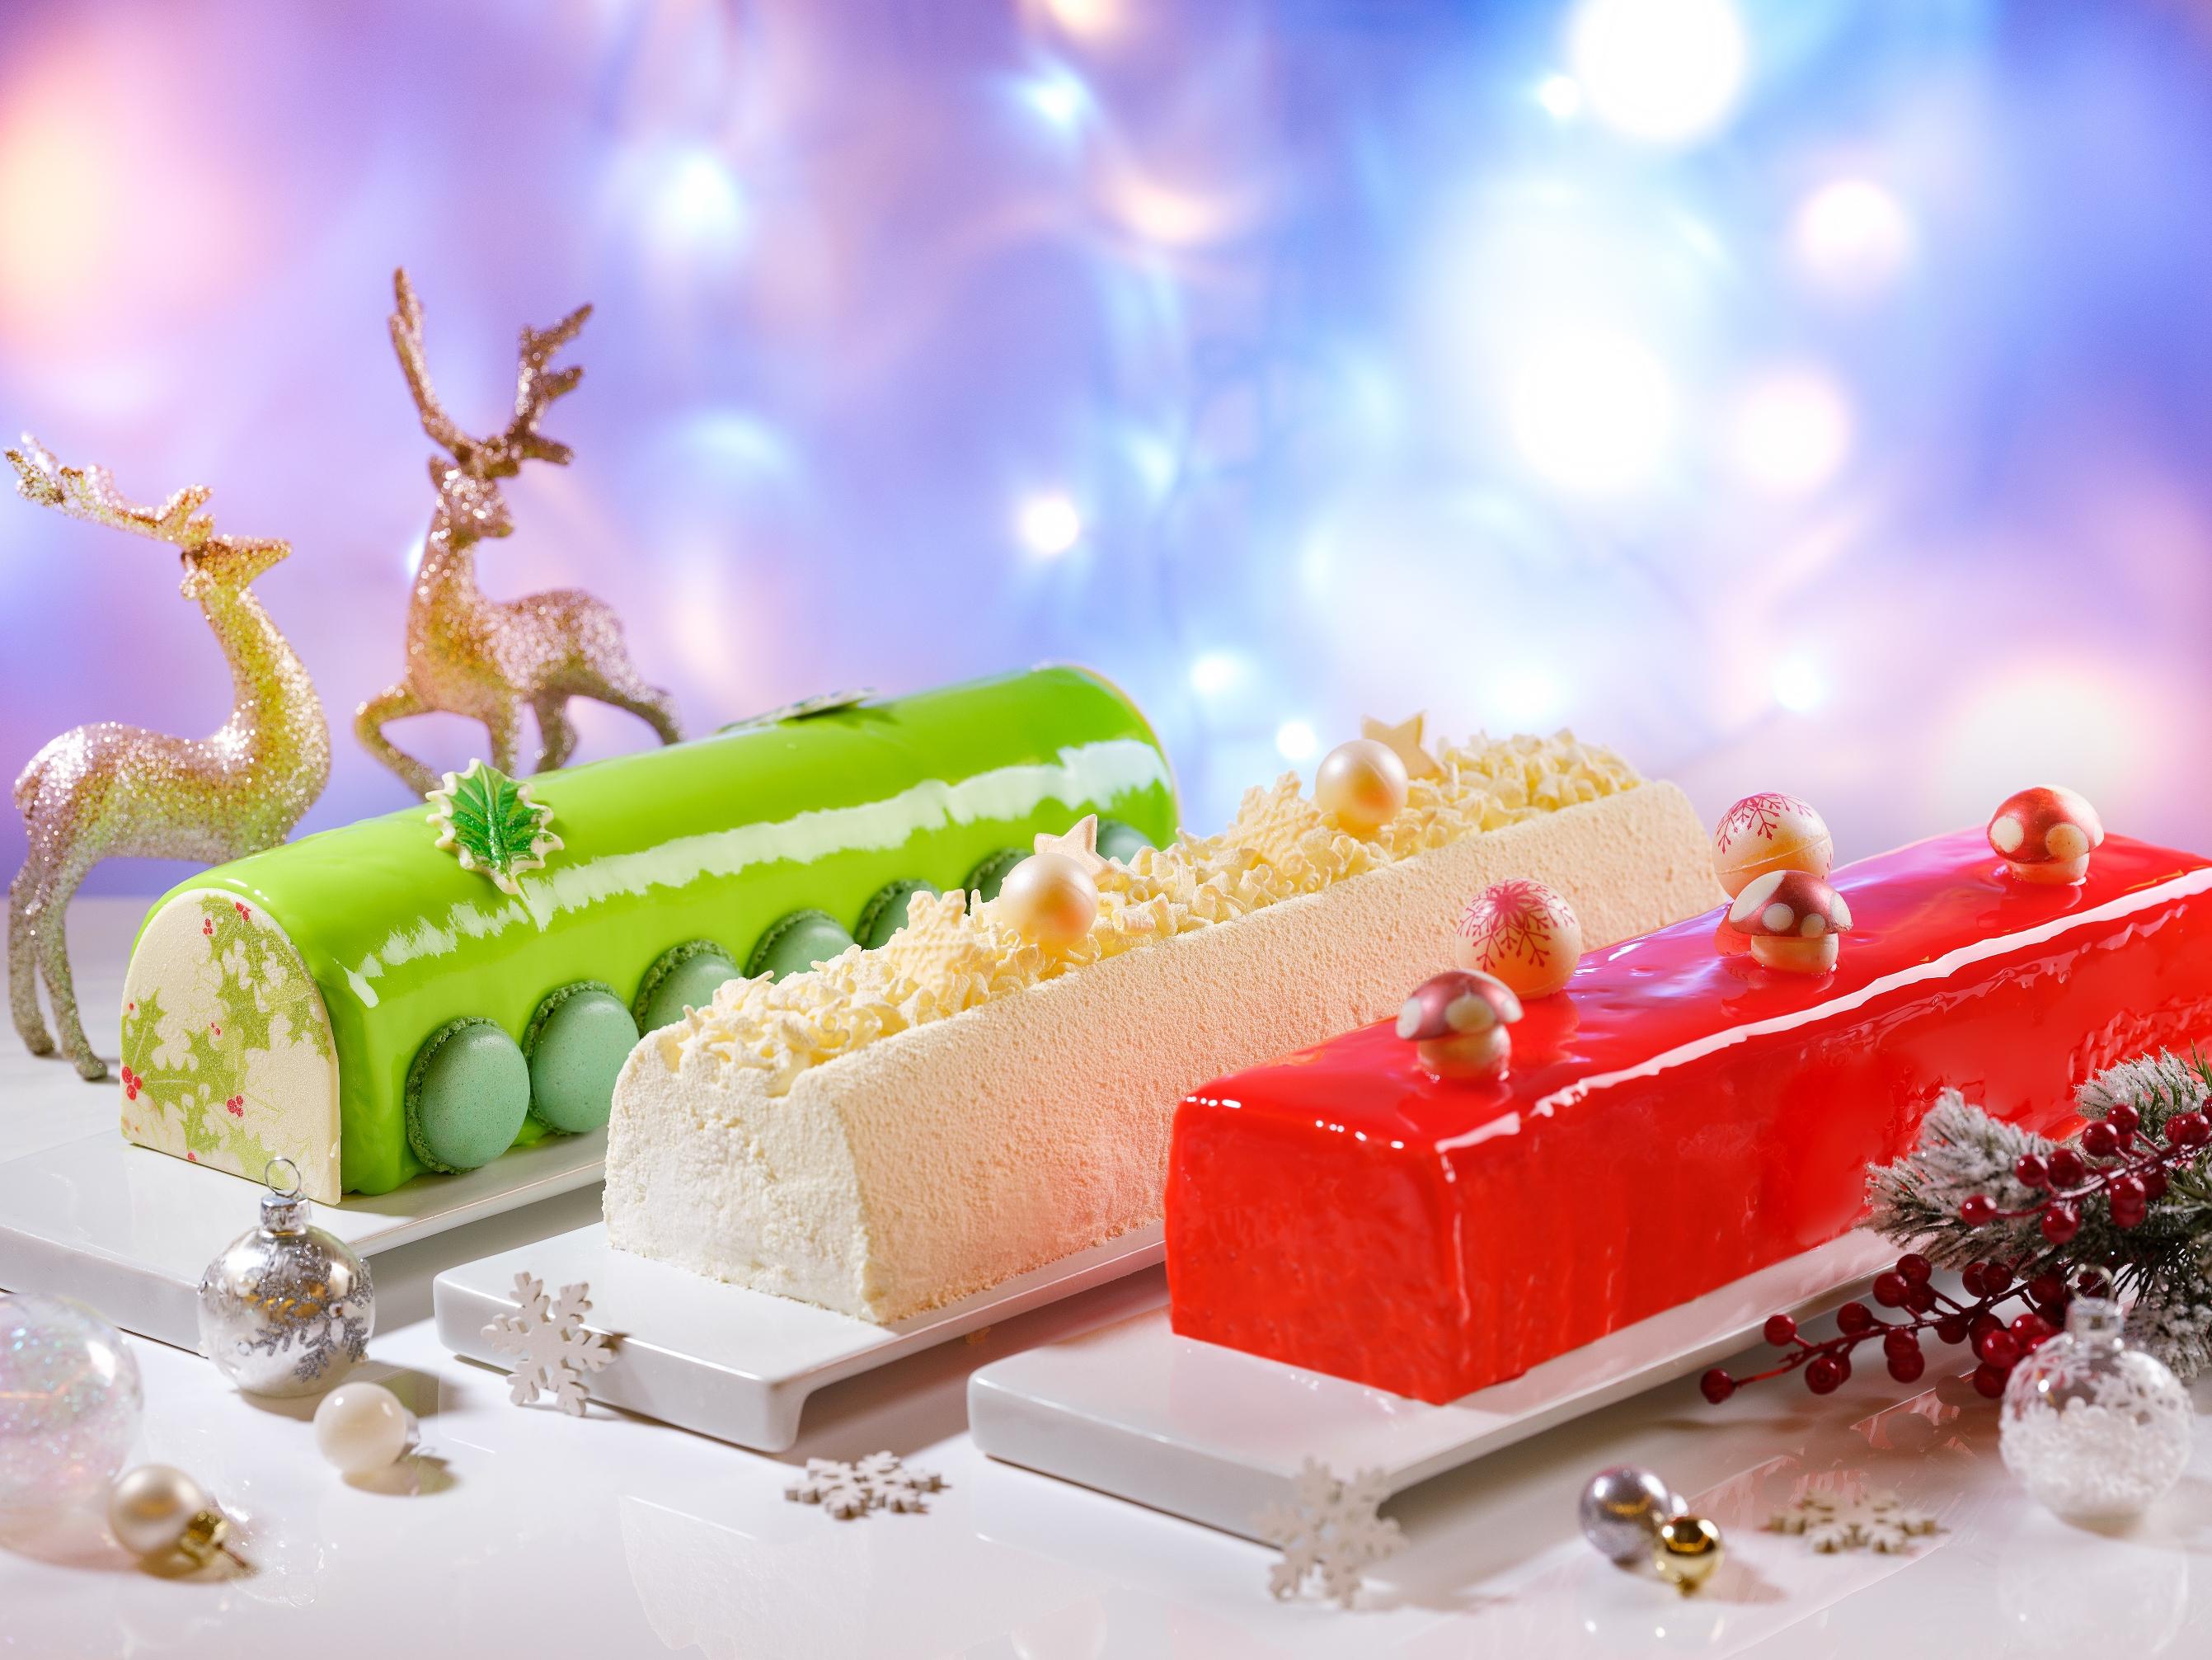 新加坡万豪堂广场酒店Pistachio奶油芝士原木蛋糕诺埃尔白森林树莓古拉美拉卡椰子原木蛋糕